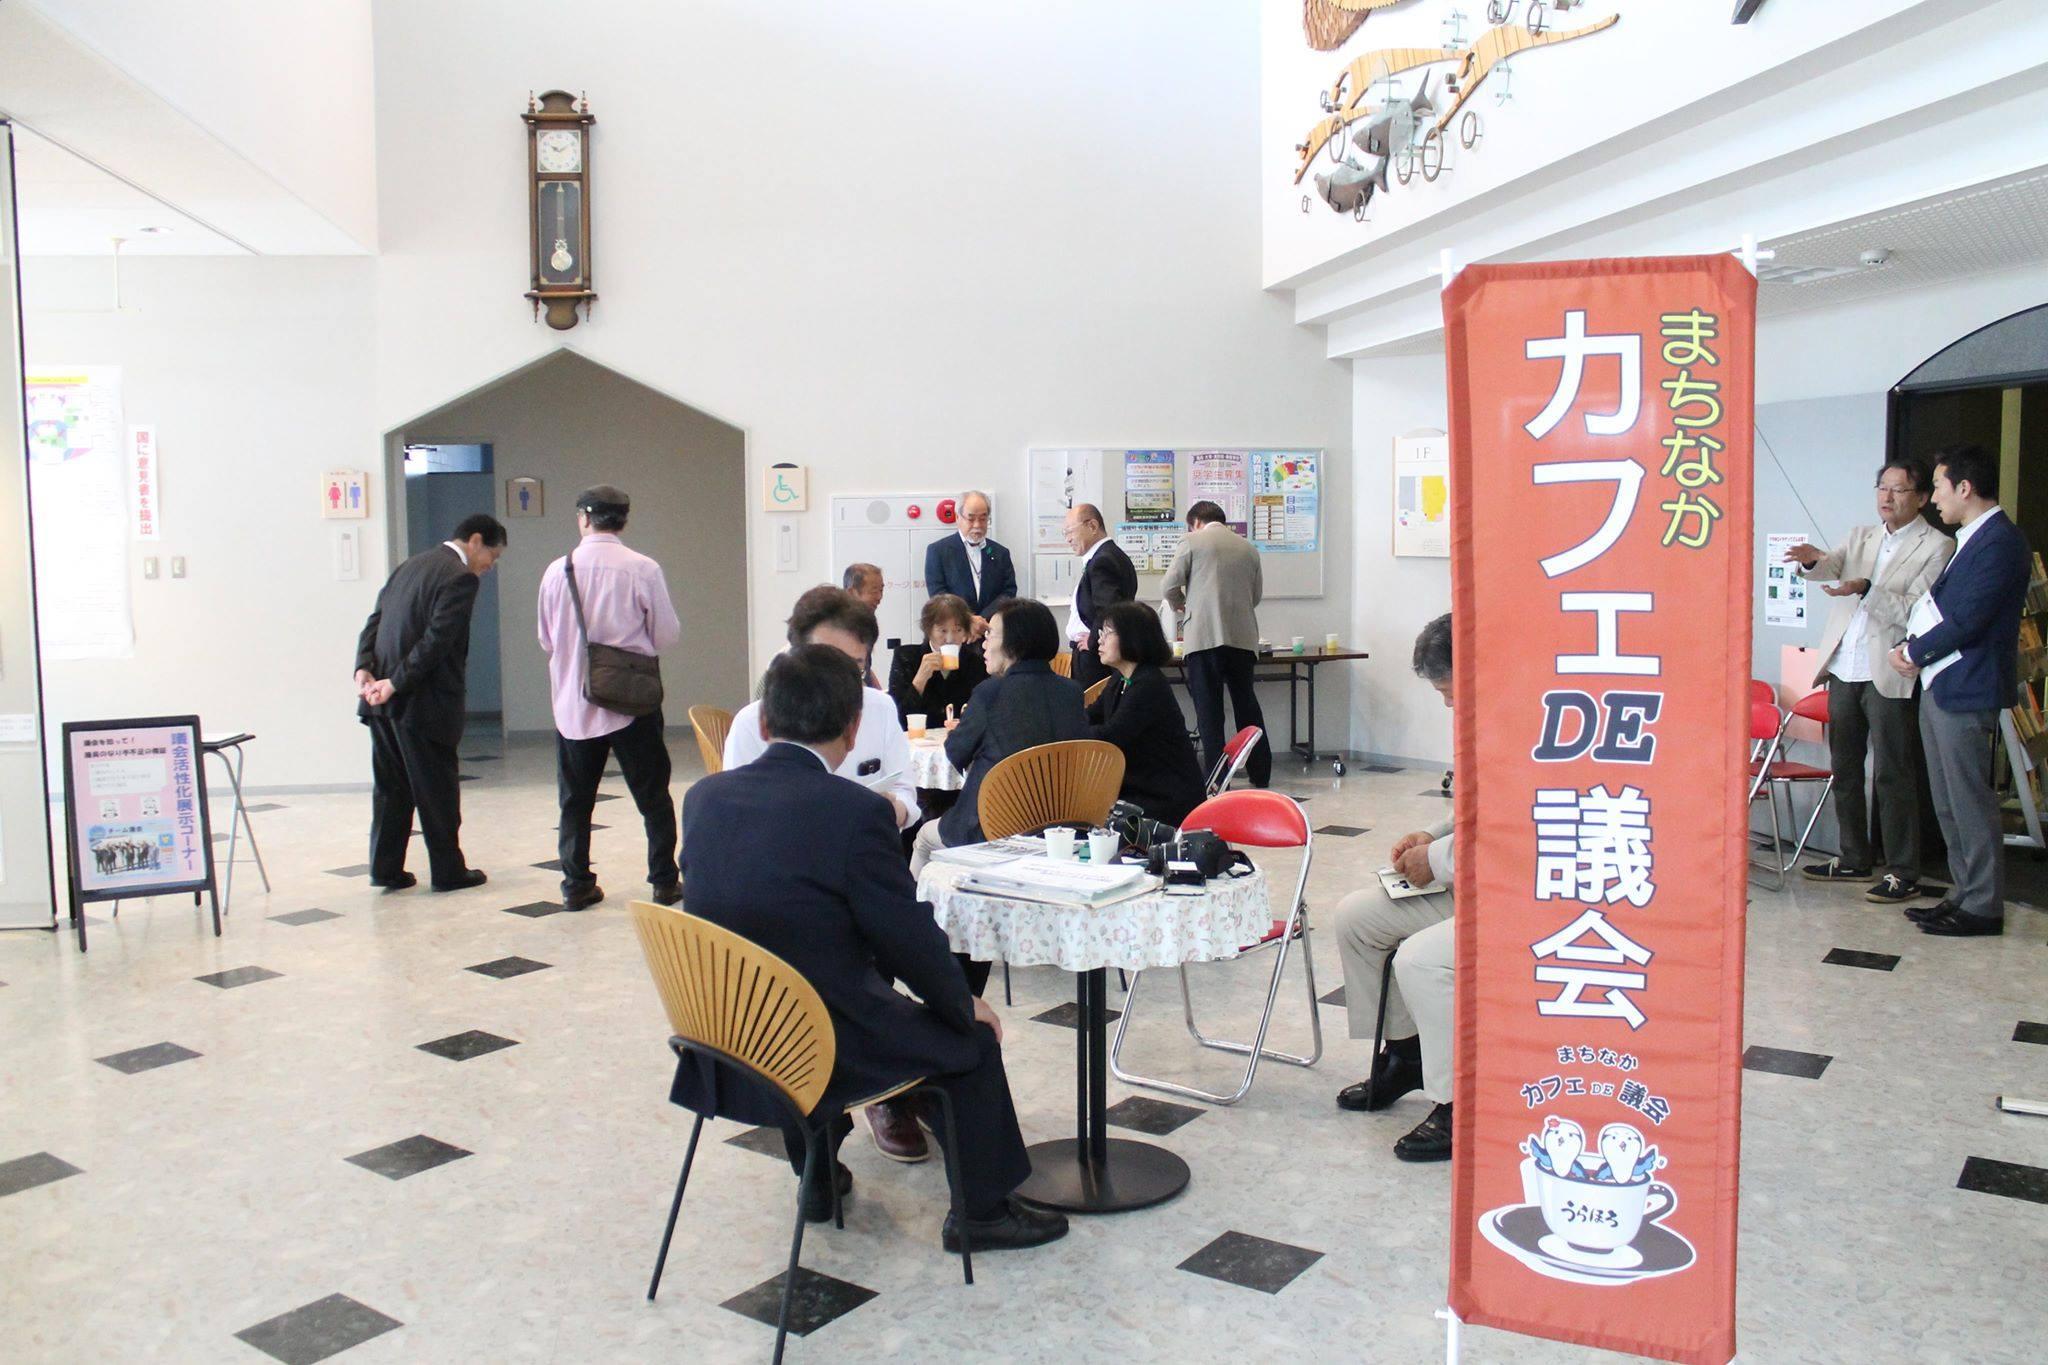 第73回 なり手不足の問題から地方議会のあり方を考える~北海道浦幌町議会の取り組みから